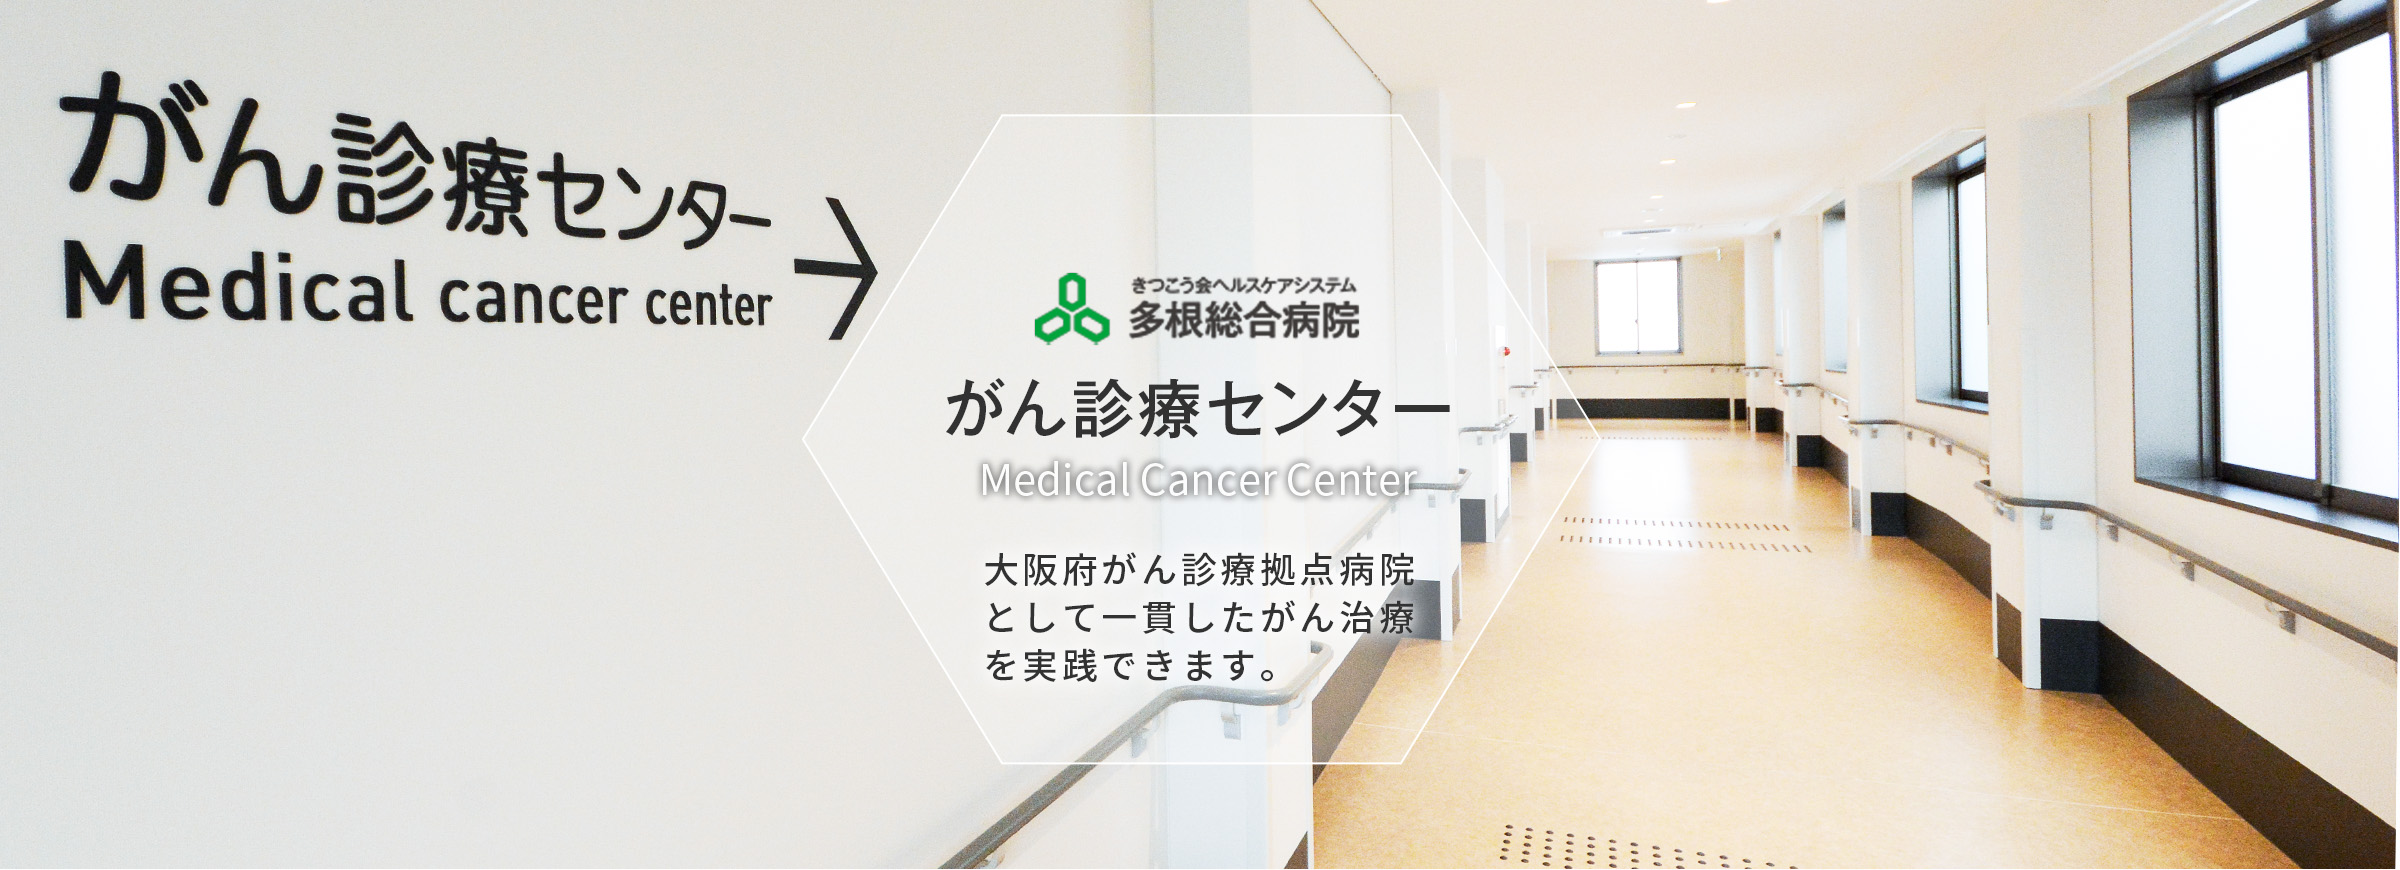 がん診療センター 大阪府がん診療拠点病院として一貫したがん治療を実践できます。